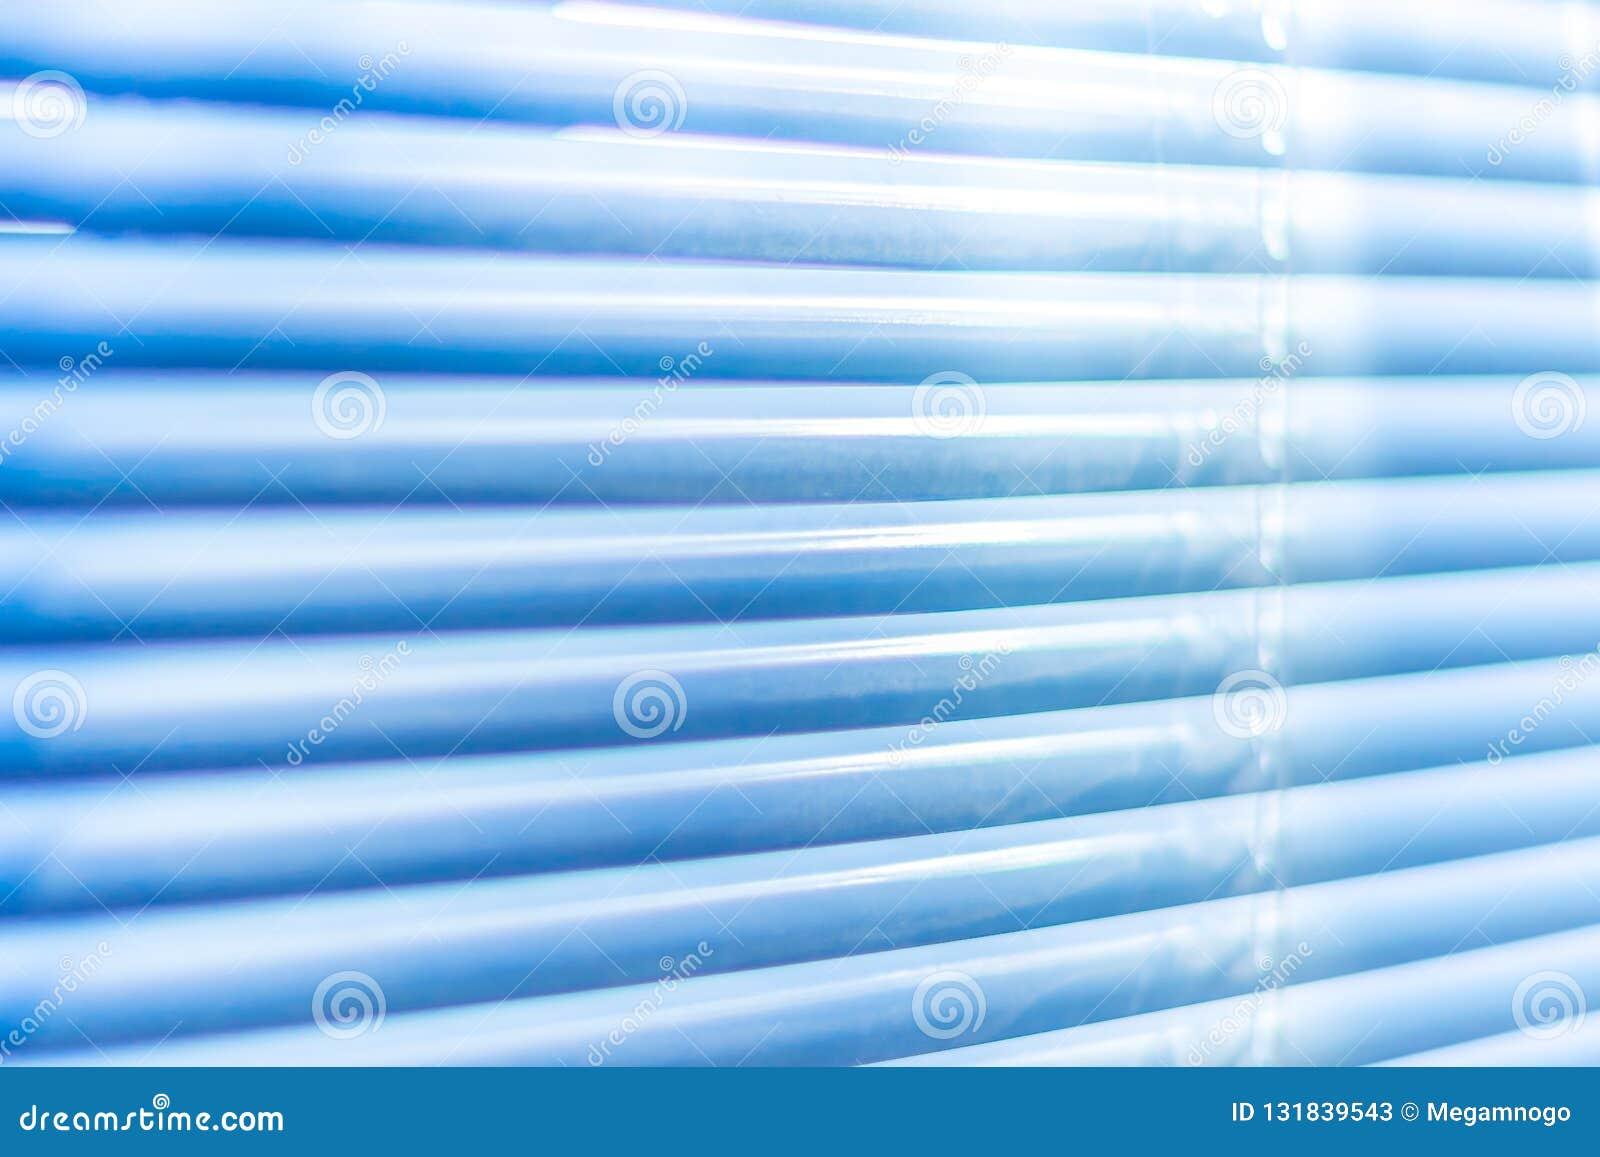 Obturadores azules cerrados, tiro macro Fondo de la persiana Luz del sol a través de persianas horizontales